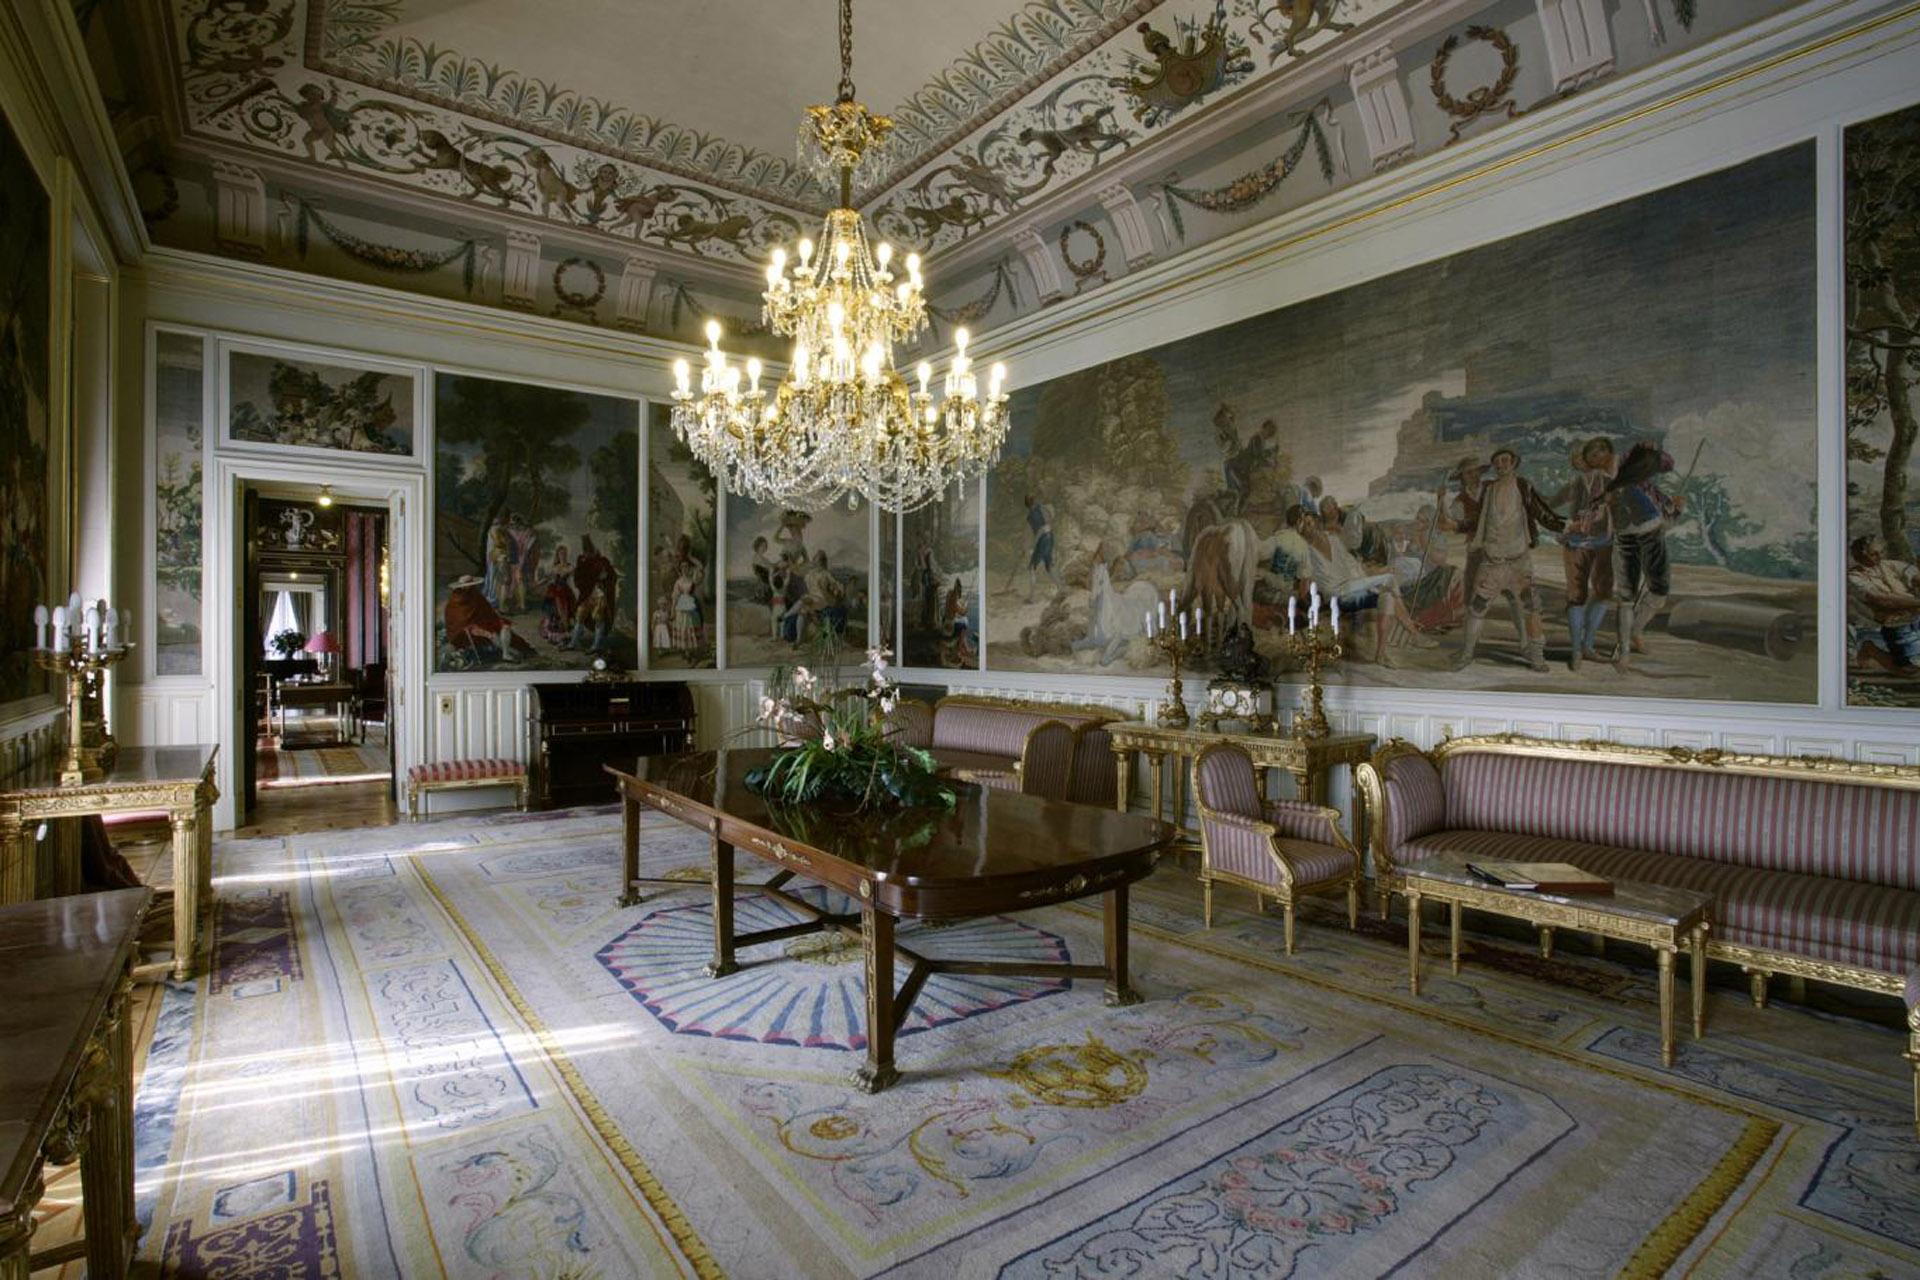 ¡Bienvenidos a palacio!